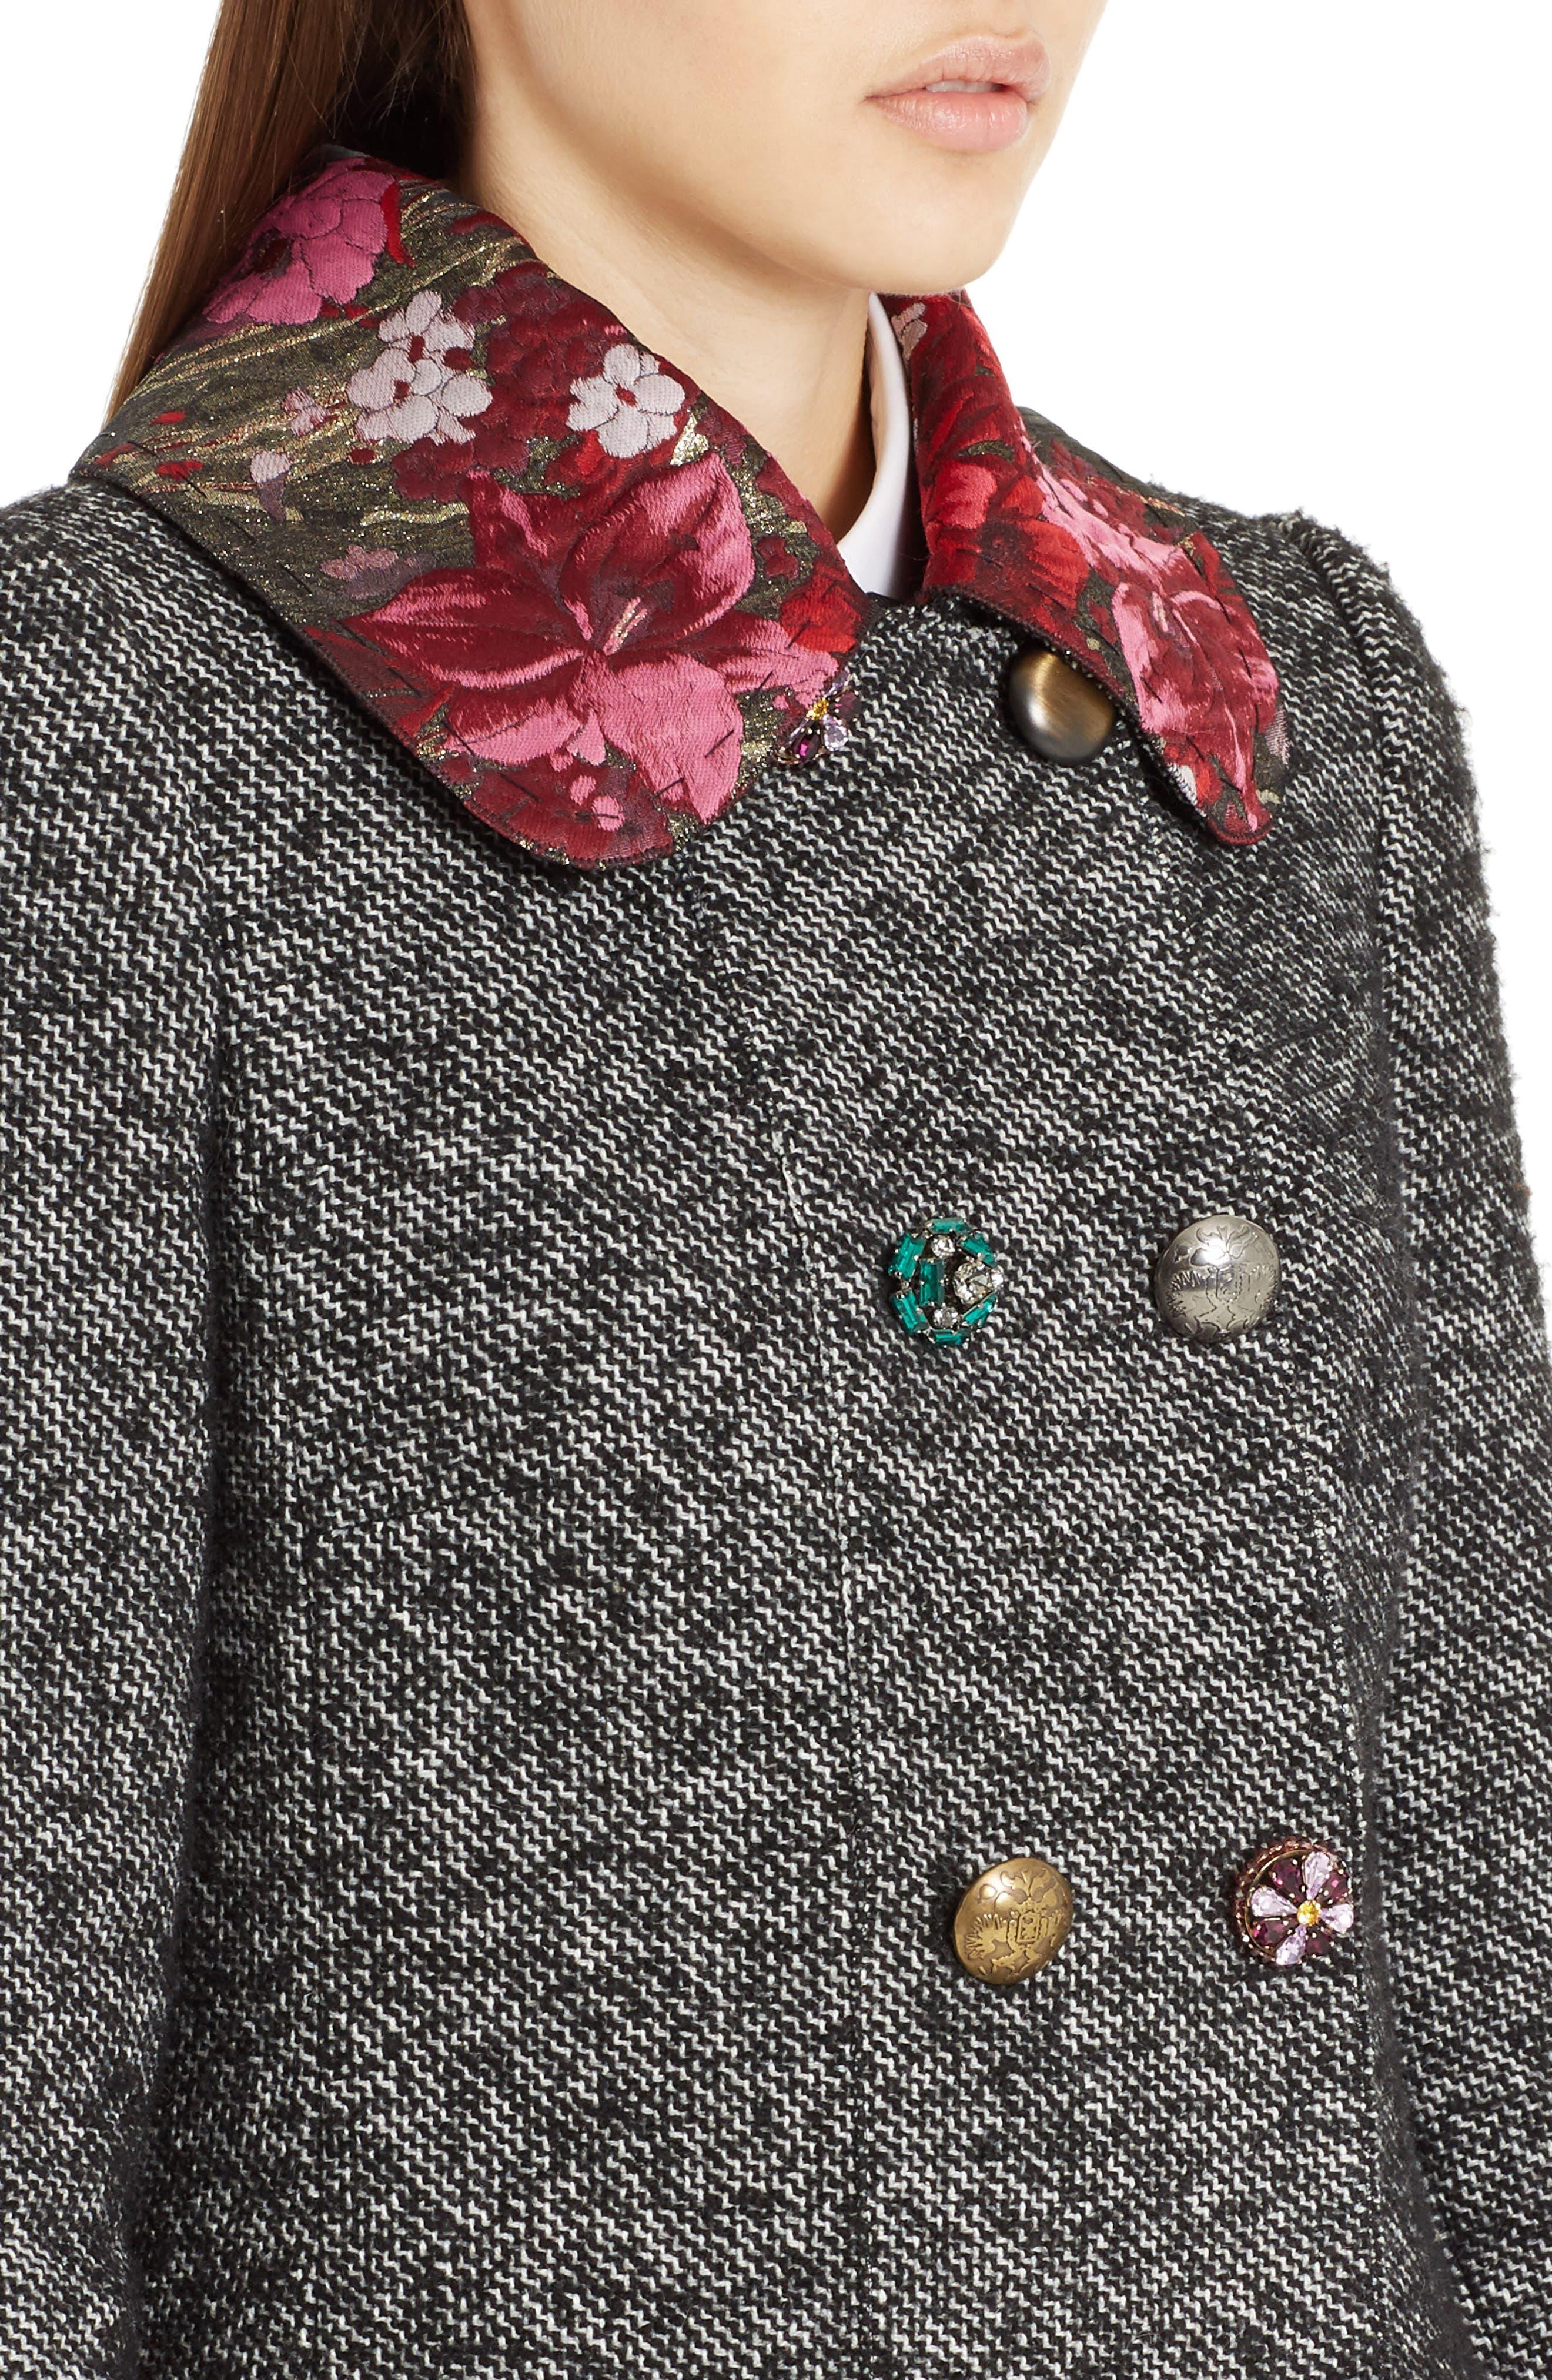 Jacquard Trim Tweed Coat,                             Alternate thumbnail 4, color,                             060